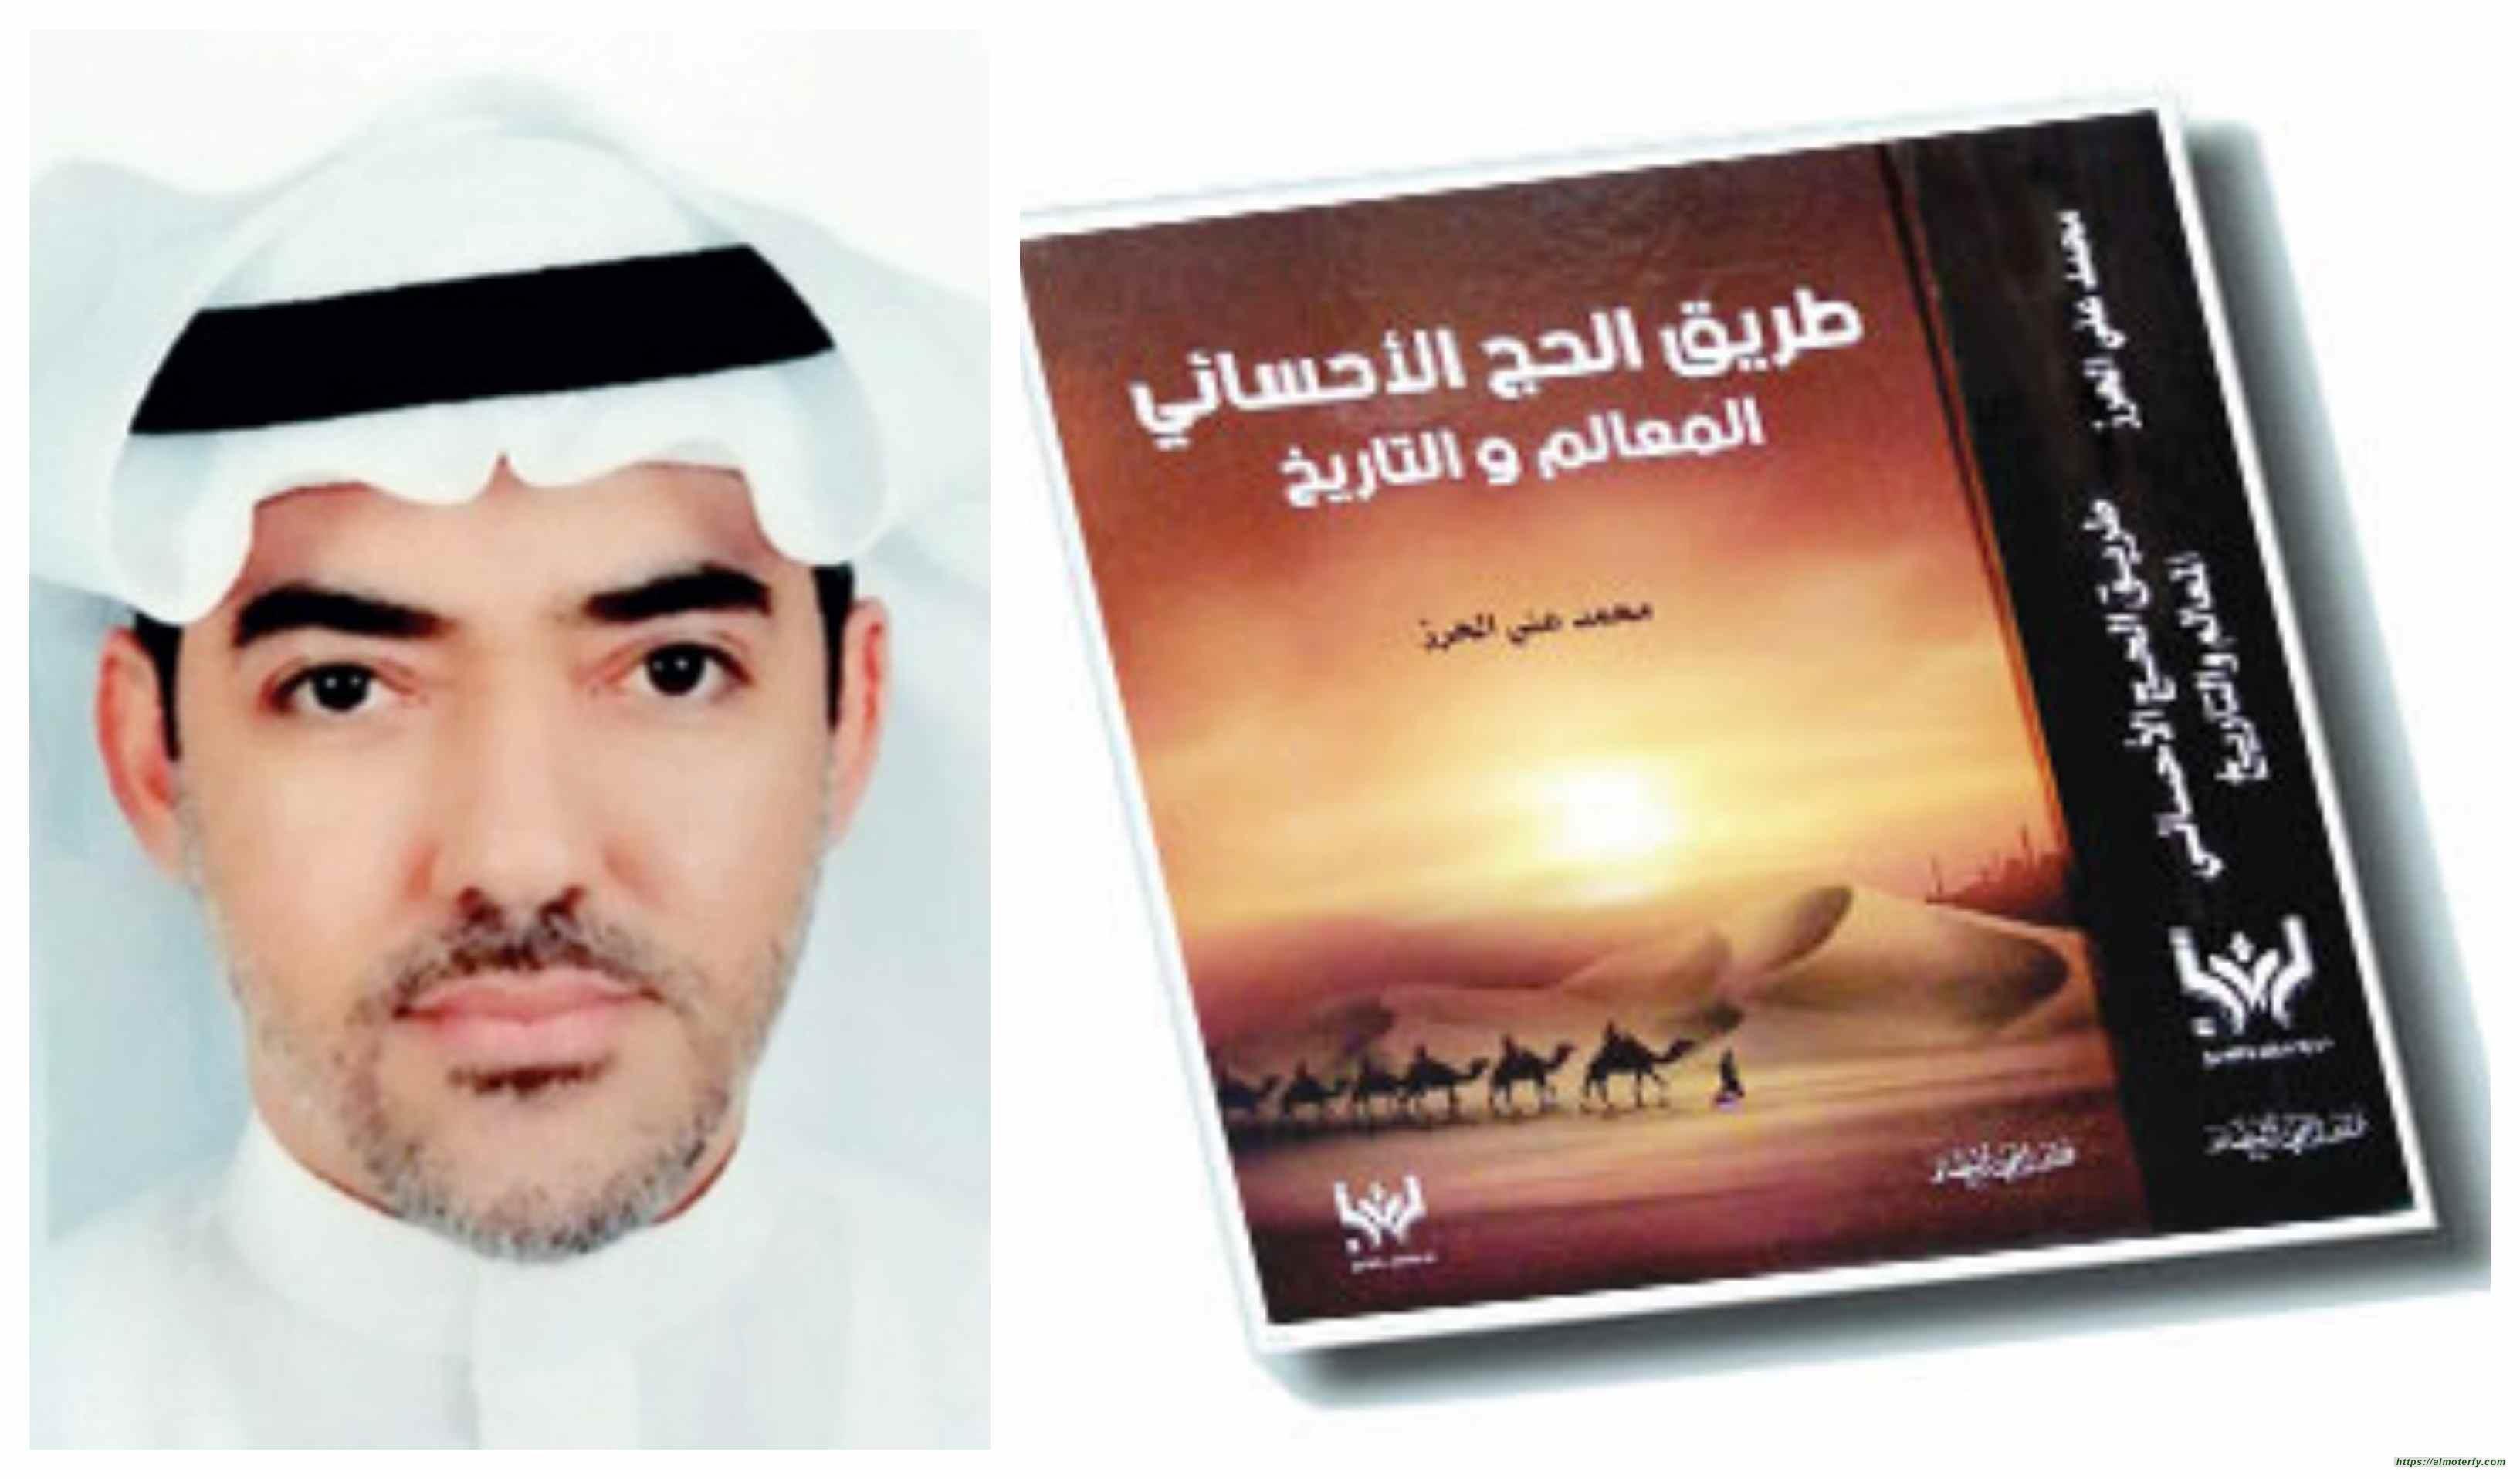 طريق الحج الأحسائي.. المعالم والتاريخ للأستاذ محمد علي الحرز